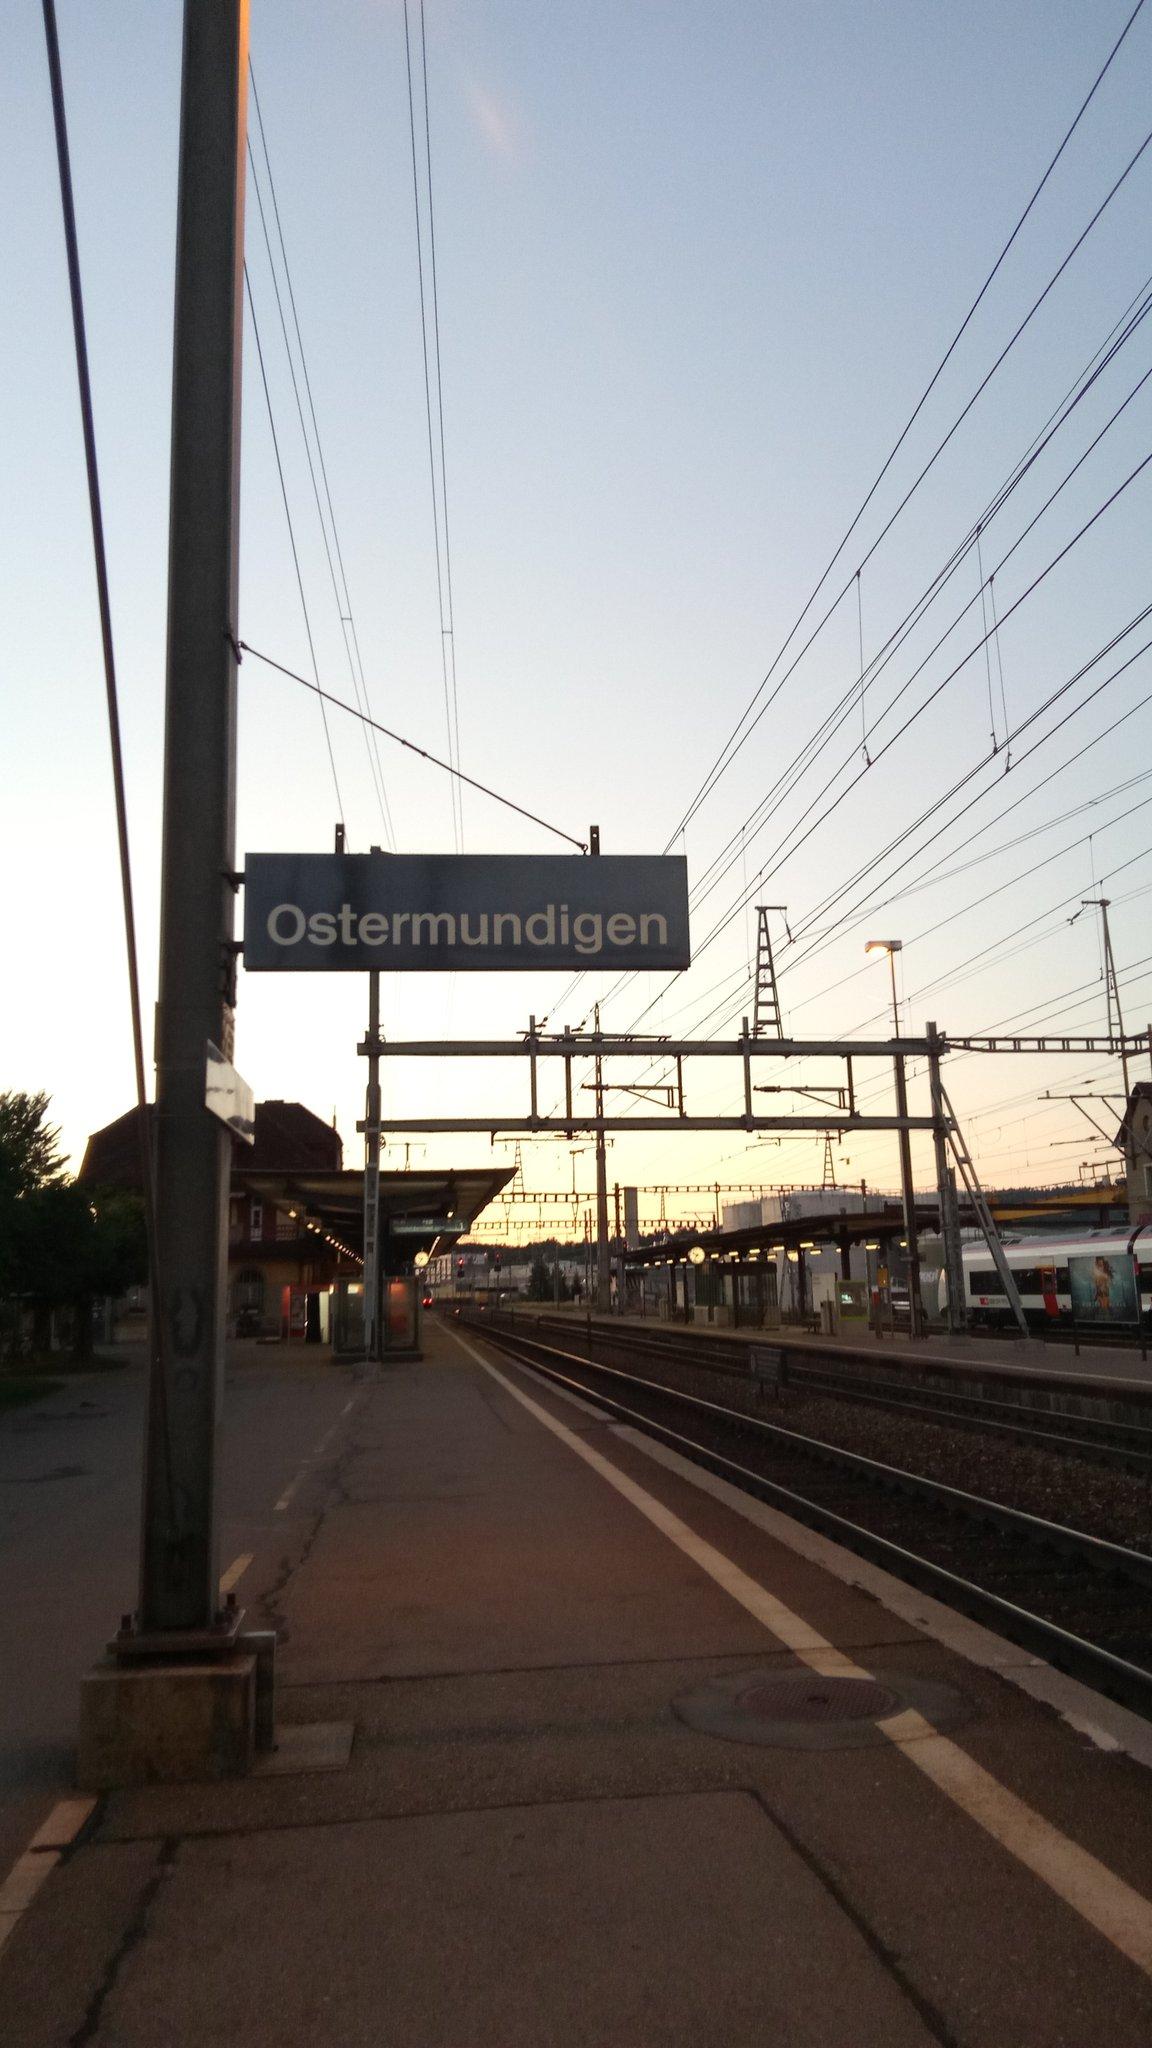 Bereits unterwegs nach Duisburg... #archive20 #archivcamp https://t.co/8DNlSybEM1